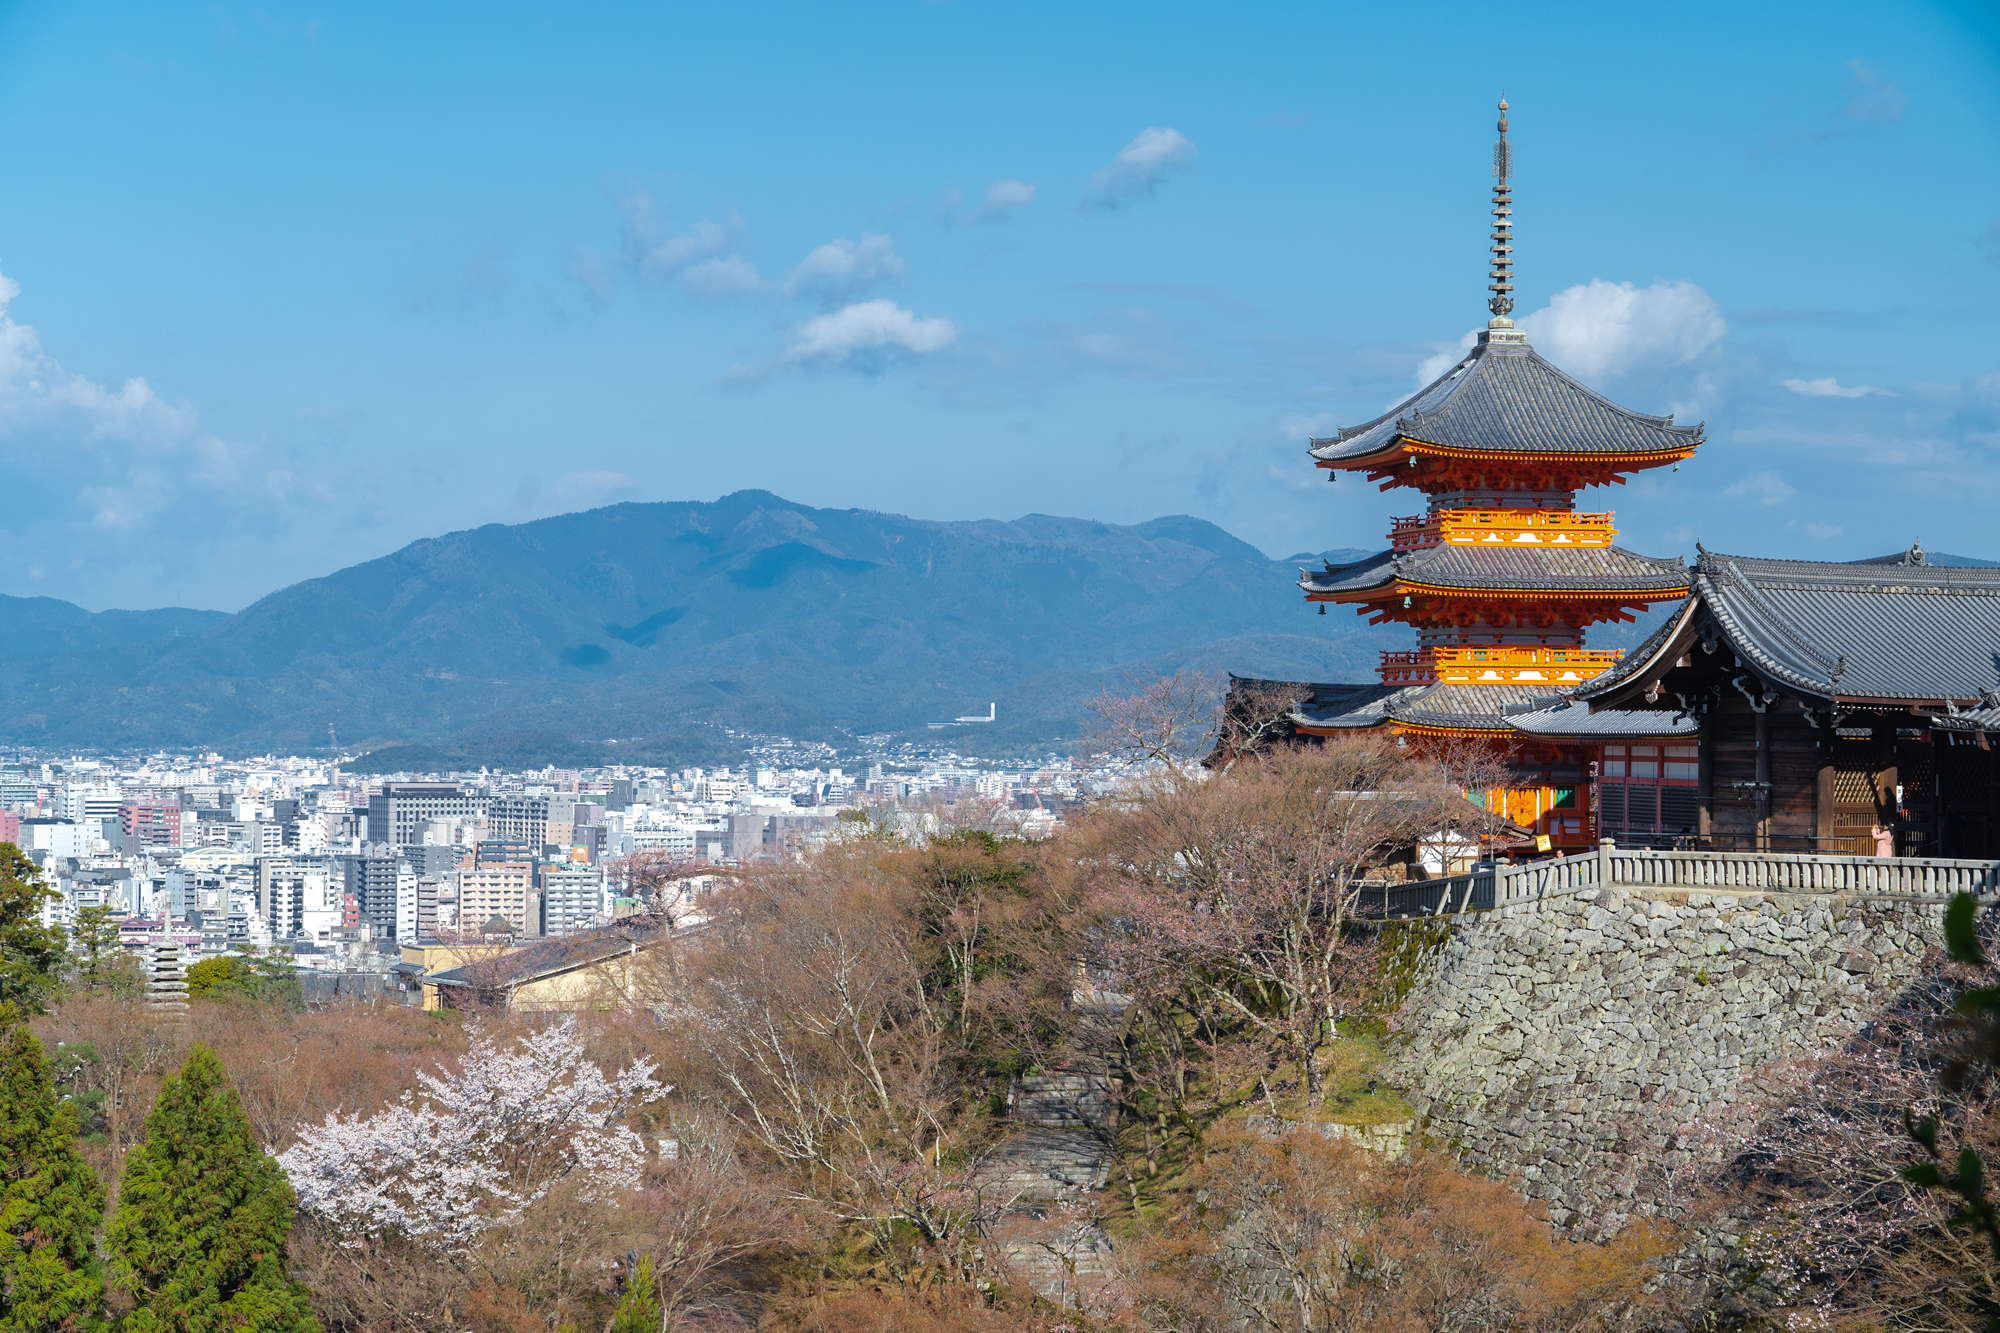 SONY_ILCE-7M3_1247384818-1247434103_164 京都府 清水寺(2020年 清水寺の桜景色と春におすすめの写真スポット. 見どころやライトアップ、アクセス、工事状況、桜の見頃情報まとめ)